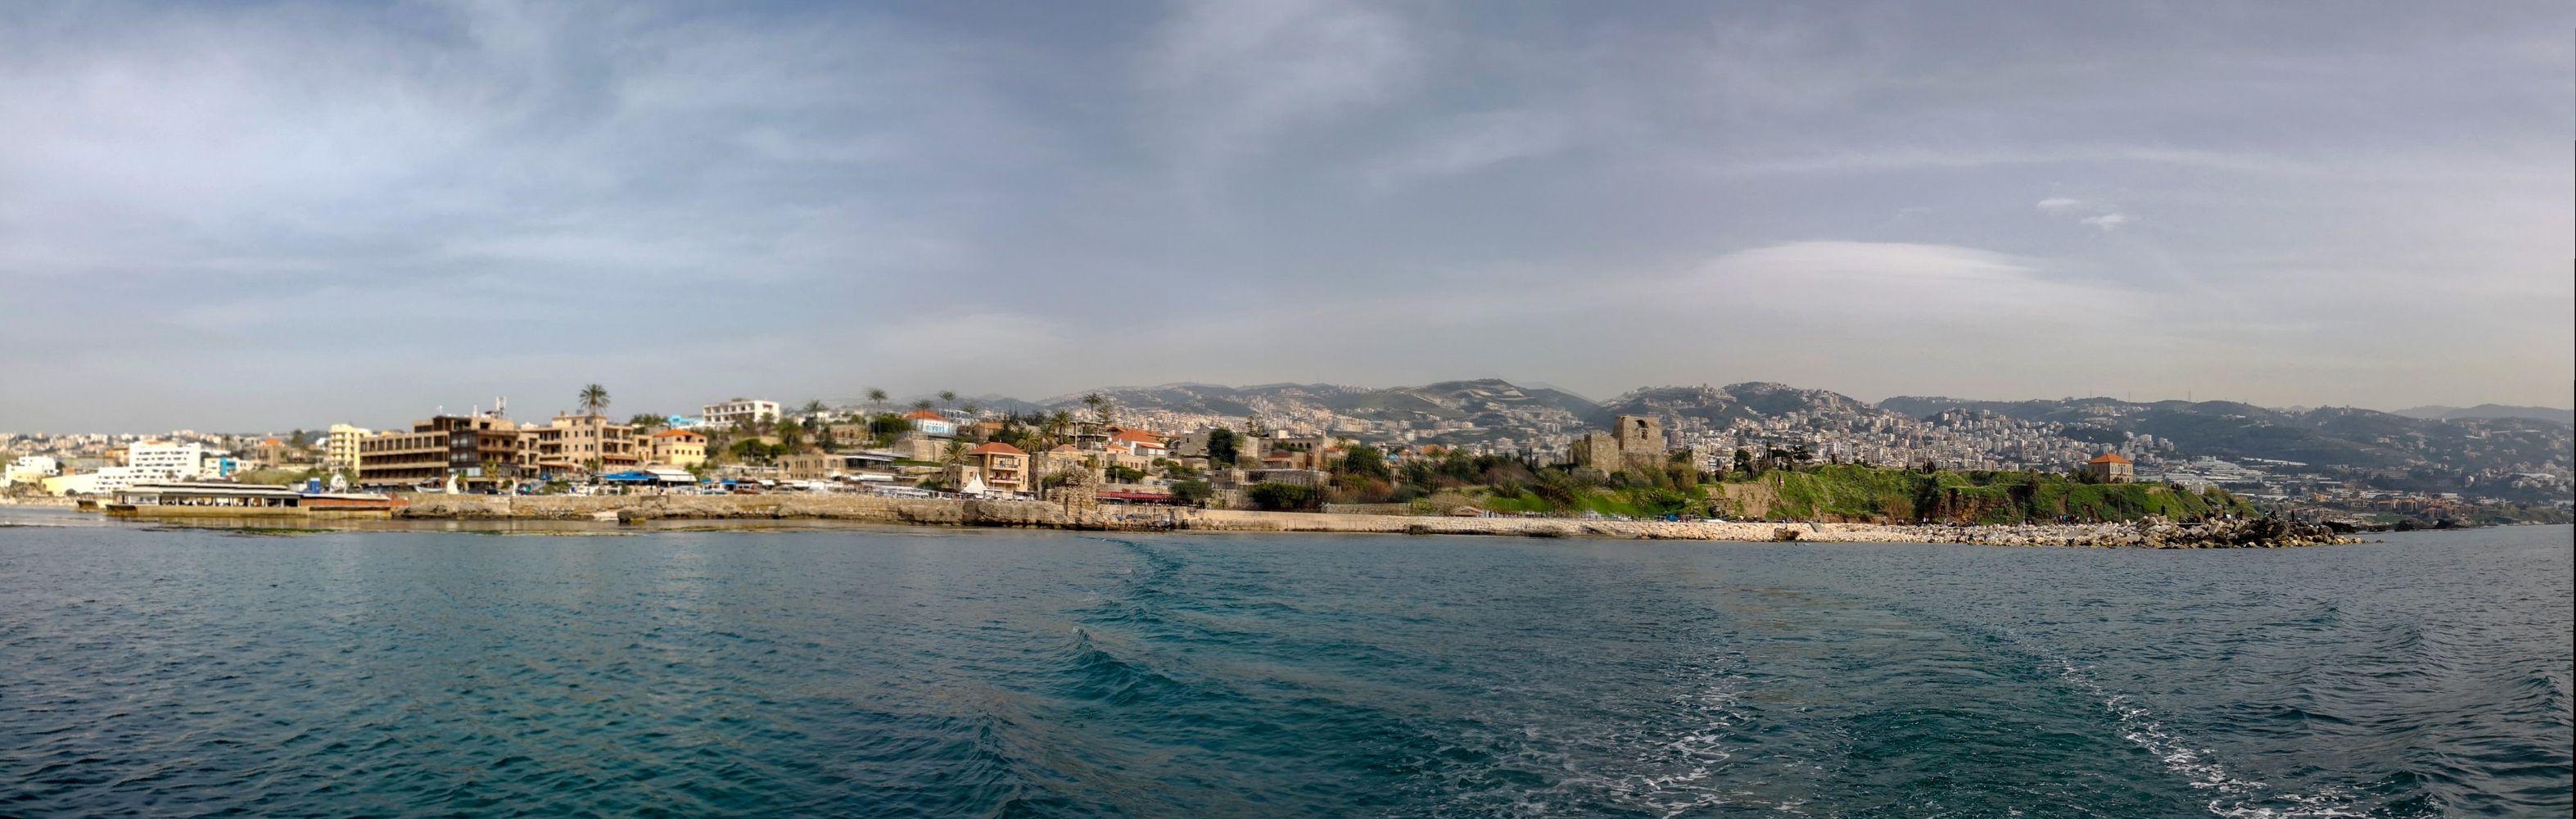 Jbeil Harbor